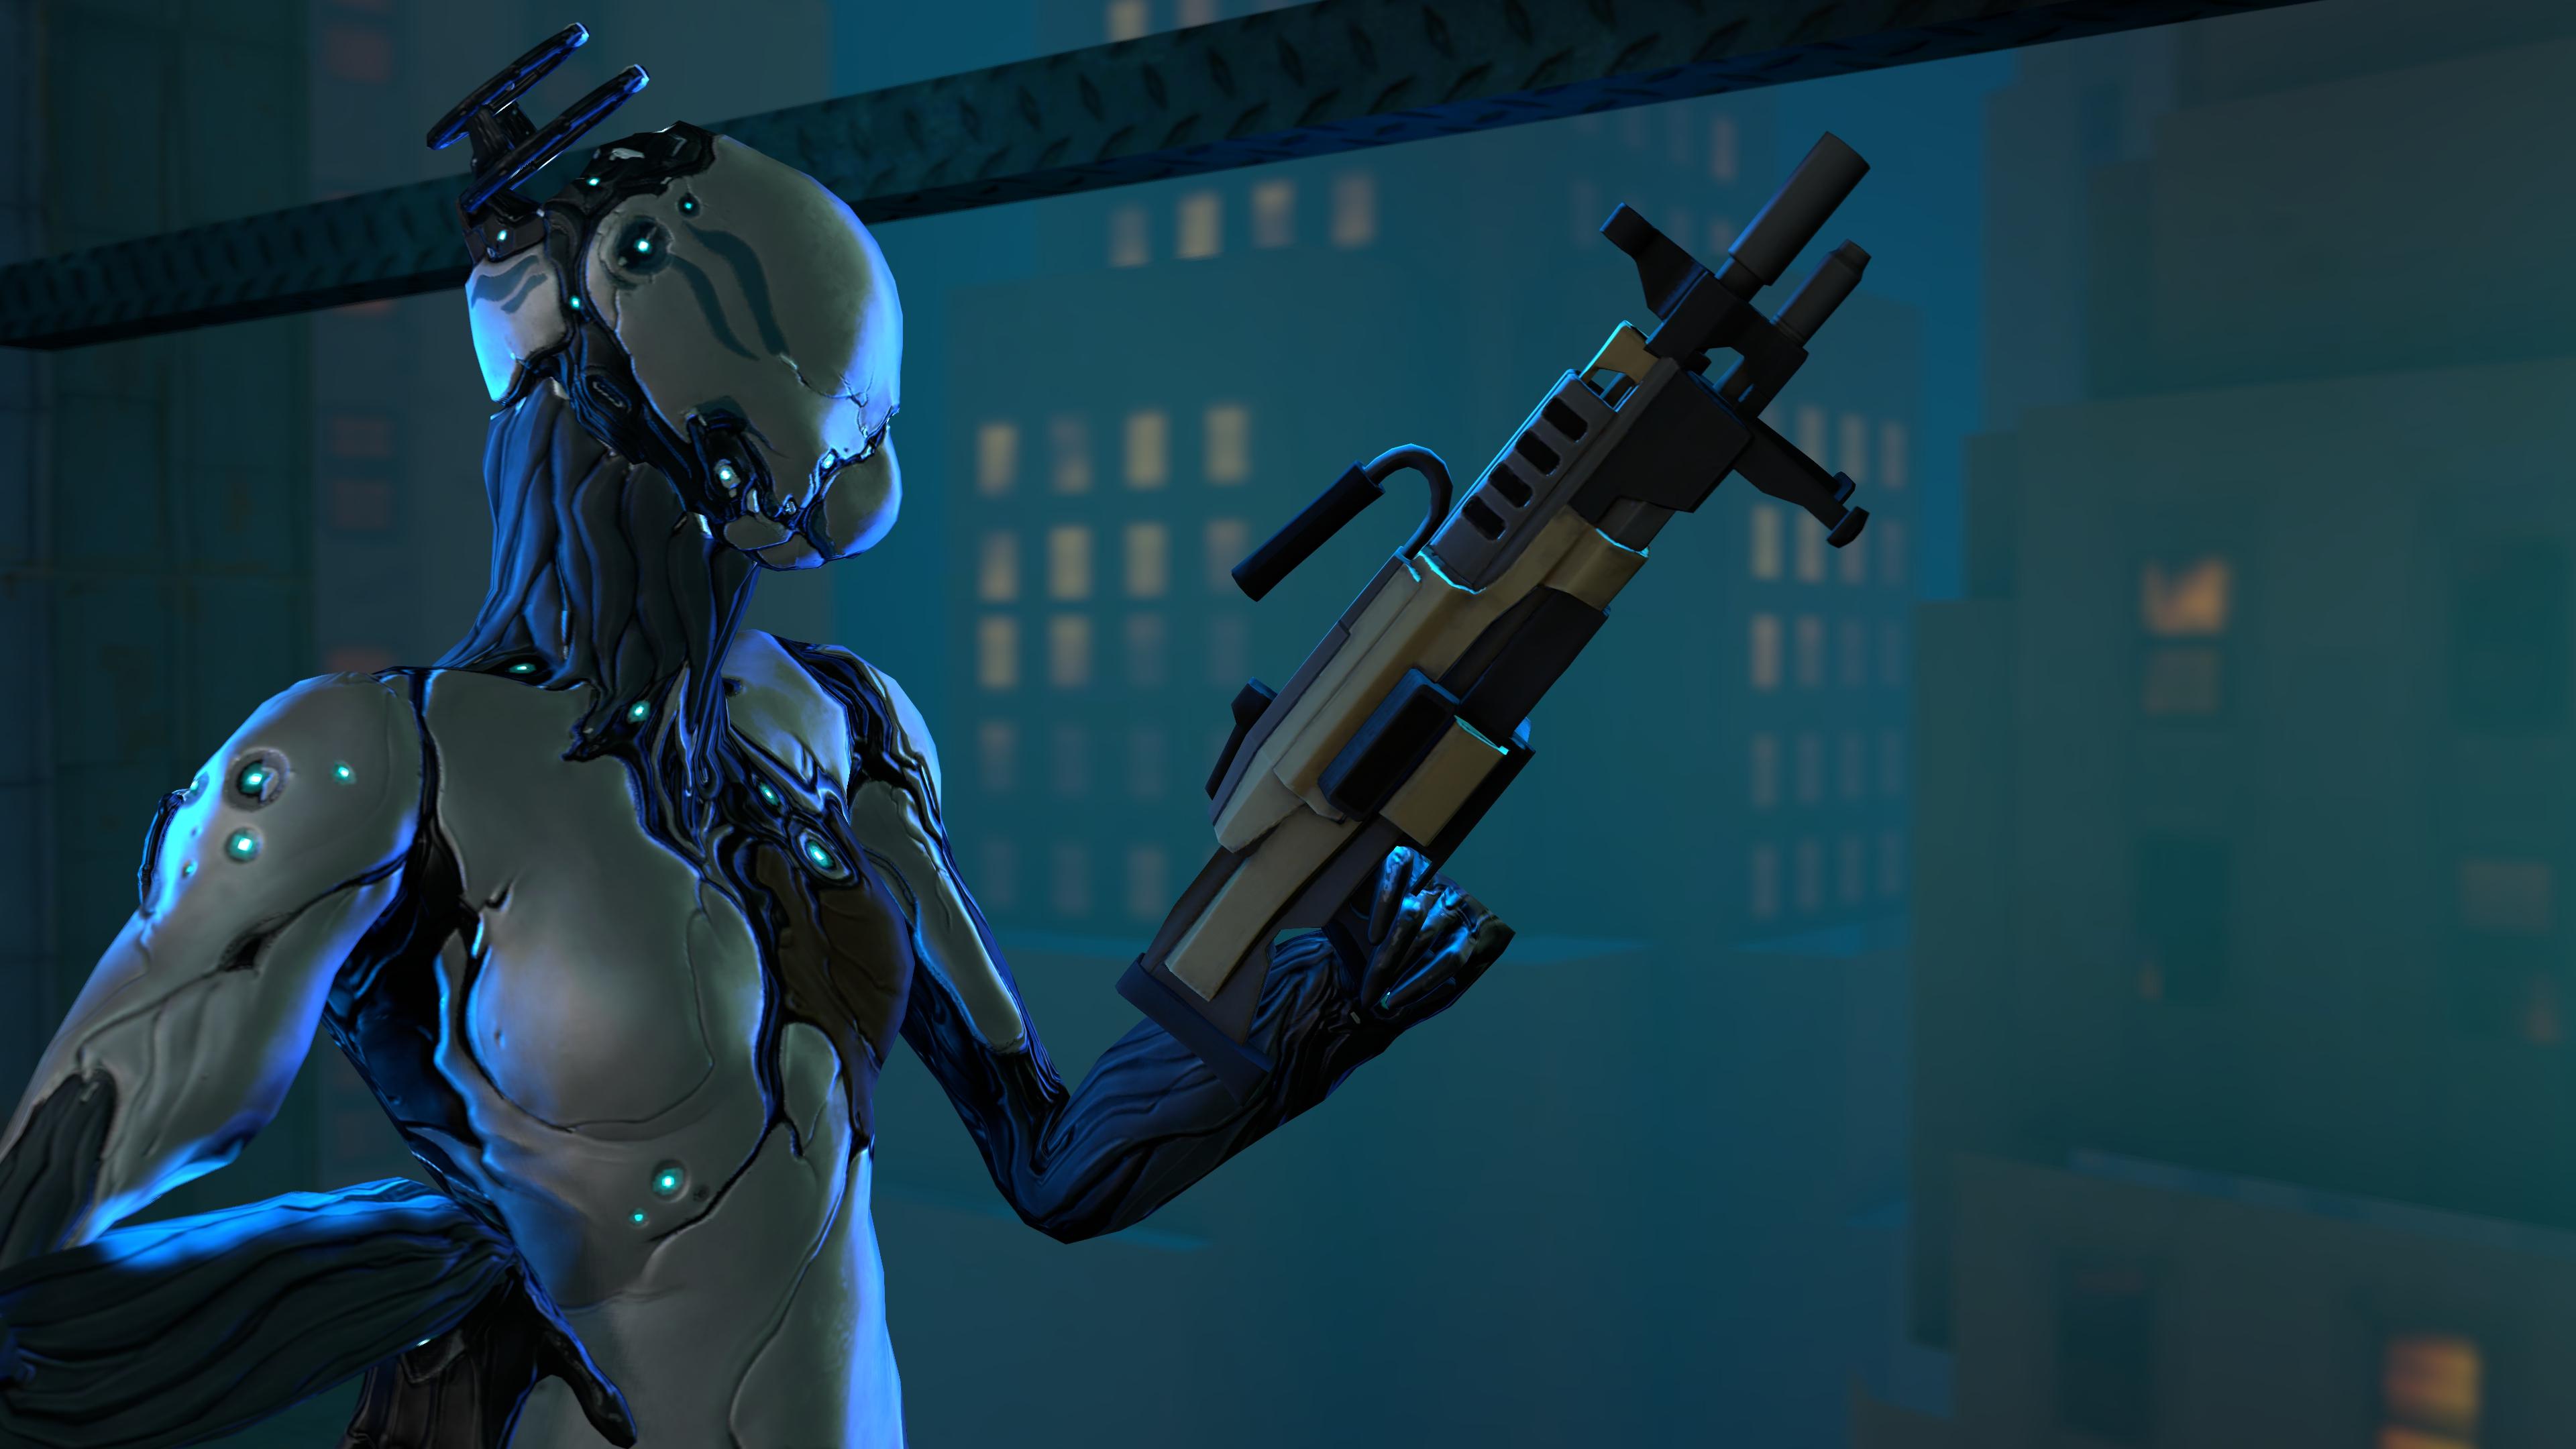 Nova Warframe [SFM] Warframe: Nova b...